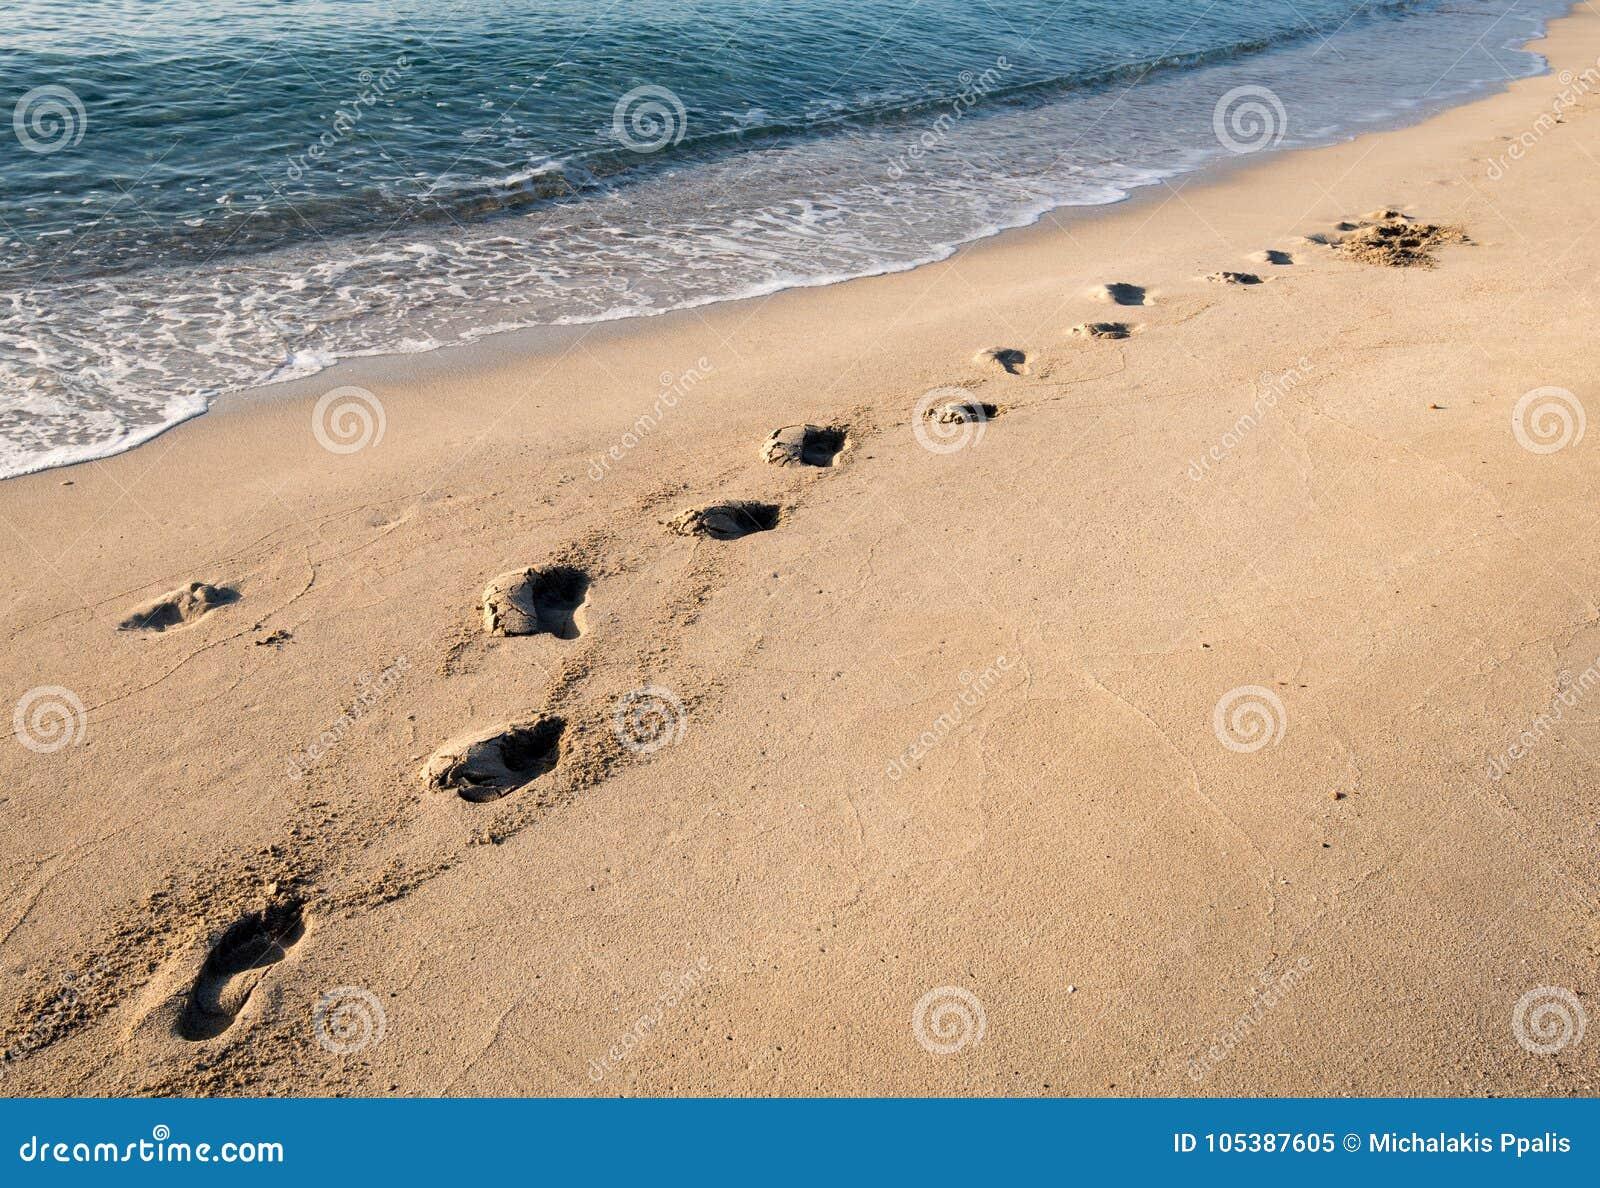 Voetstappen op een zandig strand